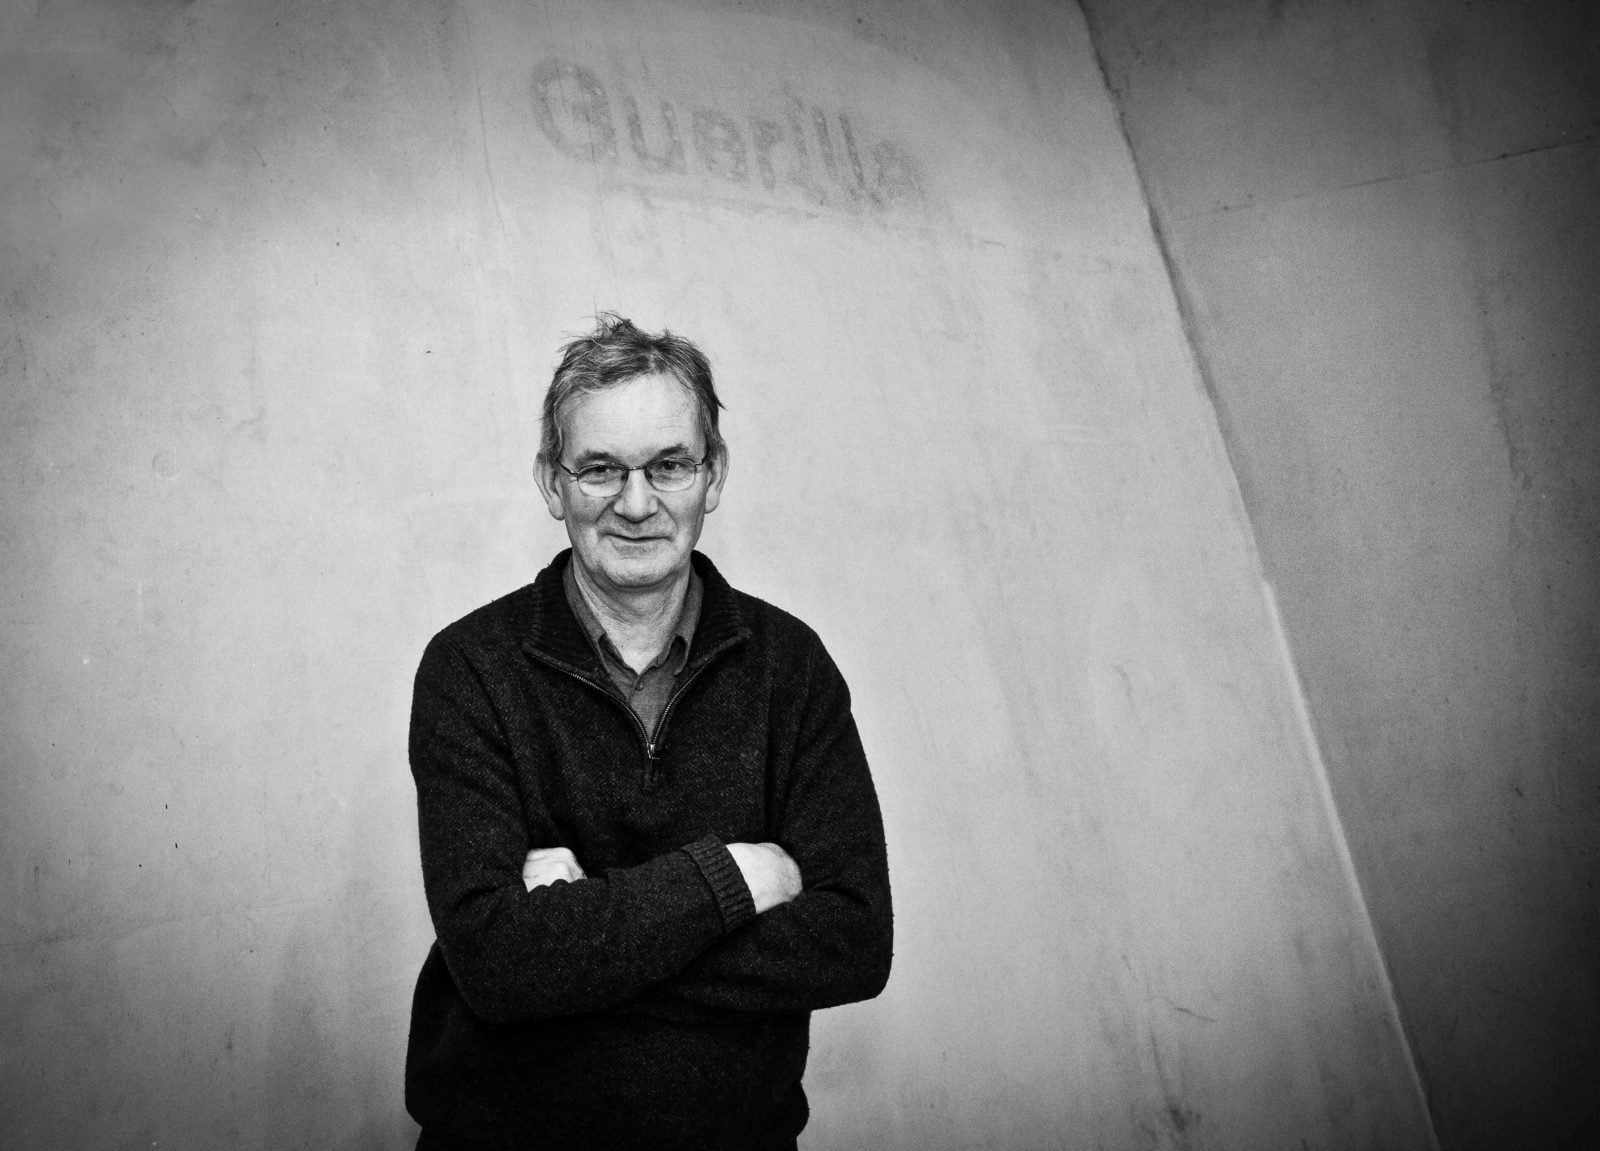 Ezért mondott le Martin Parr, a bristoli fotófesztivál igazgatója